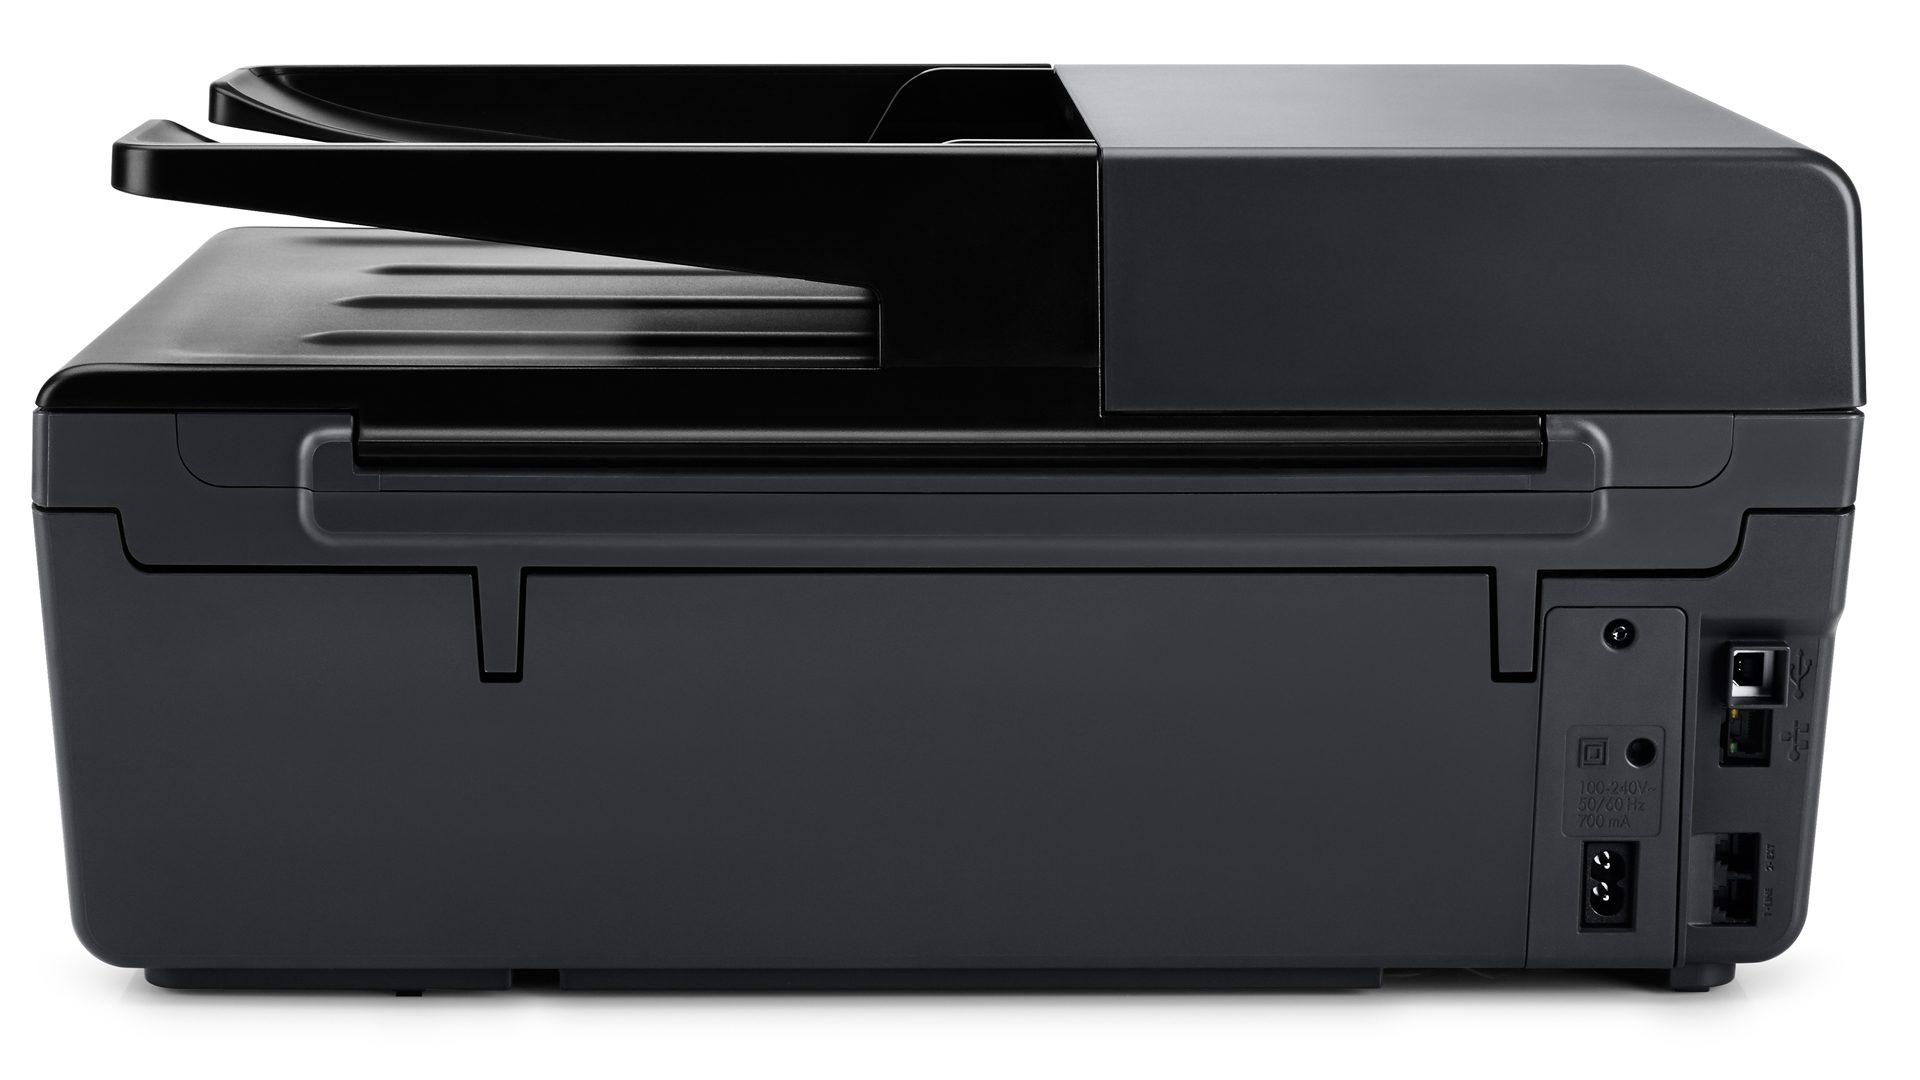 HP-Officejet-Pro-6830-Ansichten_1